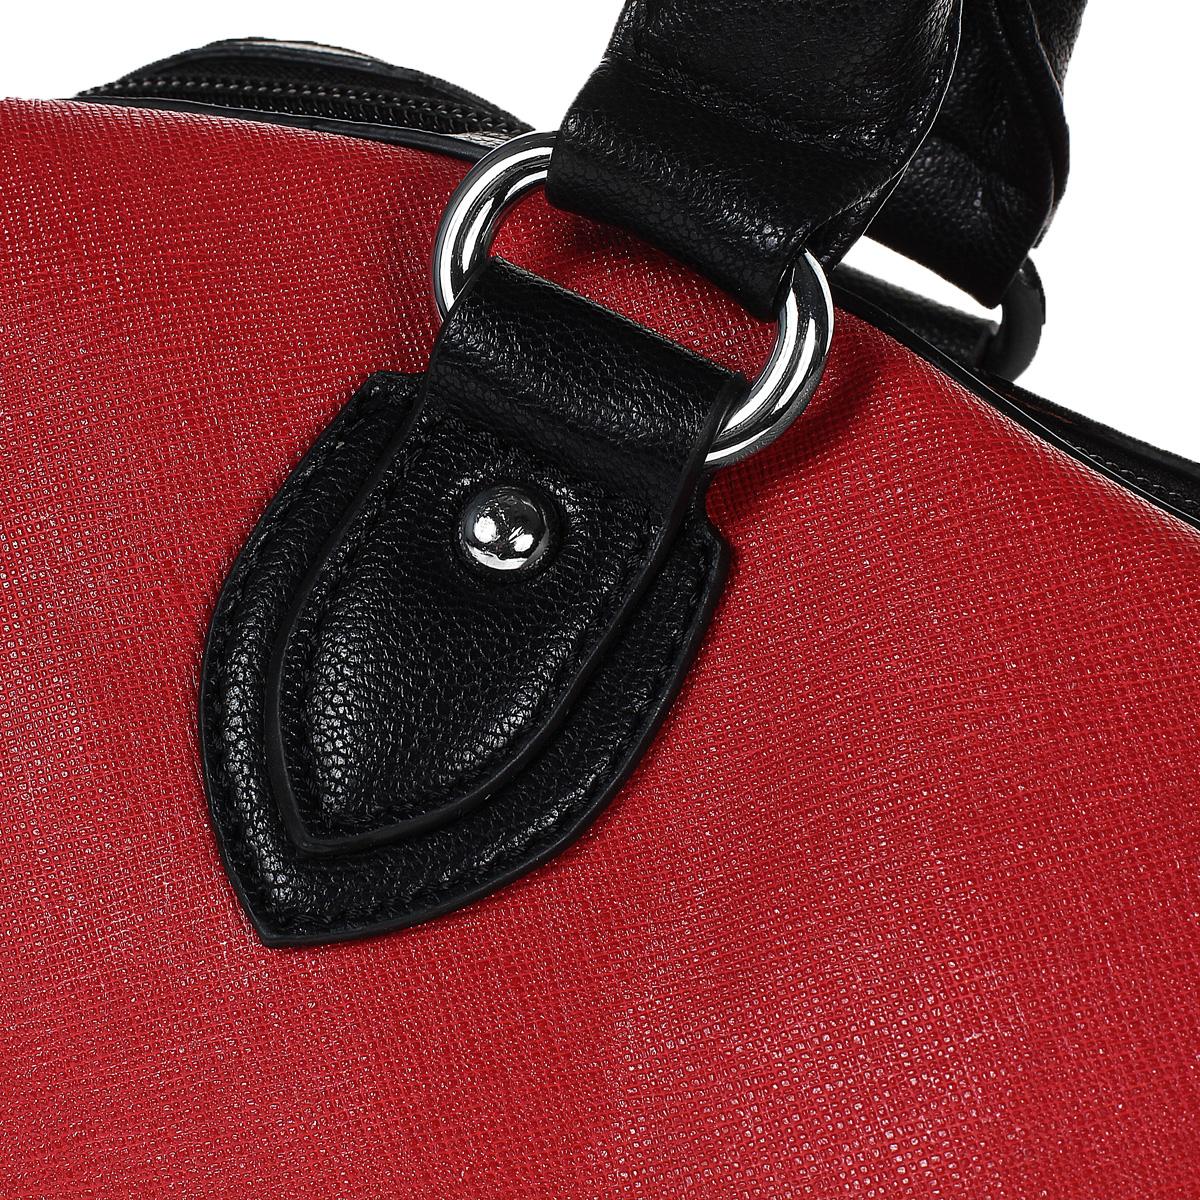 Сумка женская Leighton, цвет: красный, черный. 61044-3769/16/339/1 ( 61044-3769/16/339/1 )